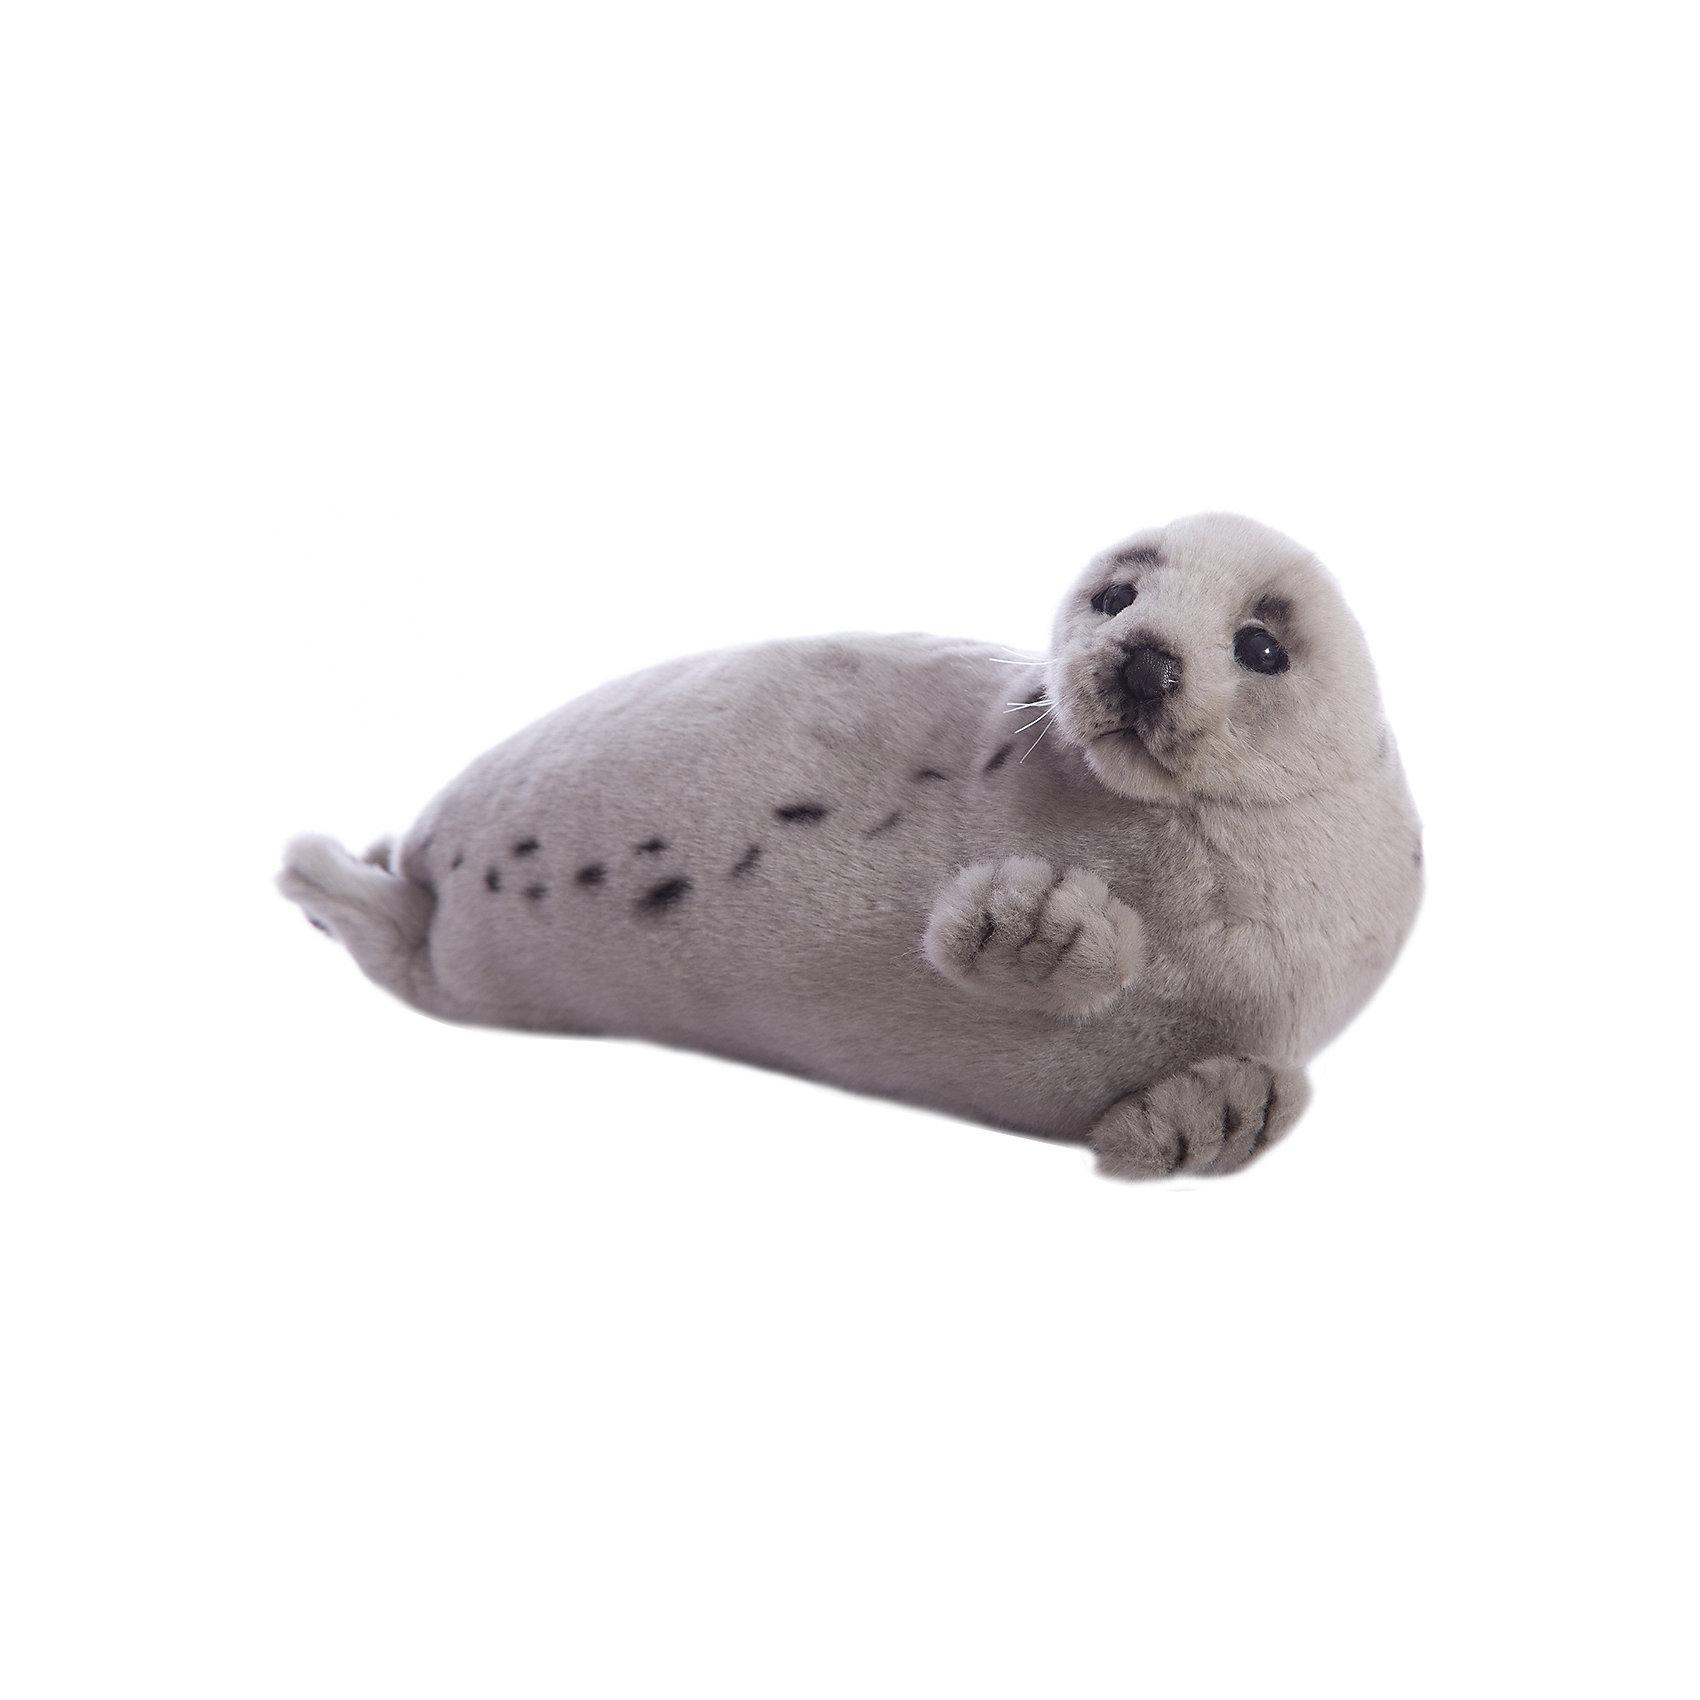 Гренландский тюлень, 38 смЗвери и птицы<br>Гренландский тюлень, 38 см – игрушка от знаменитого бренда Hansa, специализирующегося на выпуске мягких игрушек с высокой степенью натуралистичности. Внешний вид игрушечного тюленя полностью соответствует реальному прототипу. Он выполнен из искусственного меха с коротким ворсом серого оттенка, по бокам – темные пятнышки. Использованные материалы обладают гипоаллергенными свойствами. Внутри игрушки имеется металлический каркас, позволяющий изменять положение. <br>Игрушка относится к серии Дикие животные. <br>Мягкие игрушки от Hansa подходят для сюжетно-ролевых игр, для обучающих игр, направленных на знакомство с животным миром дикой природы. Кроме того, их можно использовать в качестве интерьерных игрушек. Коллекция из нескольких игрушек позволяет создать свой домашний зоопарк, который будет радовать вашего ребенка долгое время, так как ручная работа и качественные материалы гарантируют их долговечность и прочность.<br><br>Дополнительная информация:<br><br>- Вид игр: сюжетно-ролевые игры, коллекционирование, интерьерные игрушки<br>- Предназначение: для дома, для детских развивающих центров, для детских садов<br>- Материал: искусственный мех, наполнитель ? полиэфирное волокно<br>- Размер (ДхШхВ): 38*18*16 см<br>- Вес: 320 г<br>- Особенности ухода: сухая чистка при помощи пылесоса или щетки для одежды<br><br>Подробнее:<br><br>• Для детей в возрасте: от 3 лет <br>• Страна производитель: Филиппины<br>• Торговый бренд: Hansa<br><br>Гренландского тюленя, 38 см можно купить в нашем интернет-магазине.<br><br>Ширина мм: 38<br>Глубина мм: 18<br>Высота мм: 16<br>Вес г: 320<br>Возраст от месяцев: 36<br>Возраст до месяцев: 2147483647<br>Пол: Унисекс<br>Возраст: Детский<br>SKU: 4927176